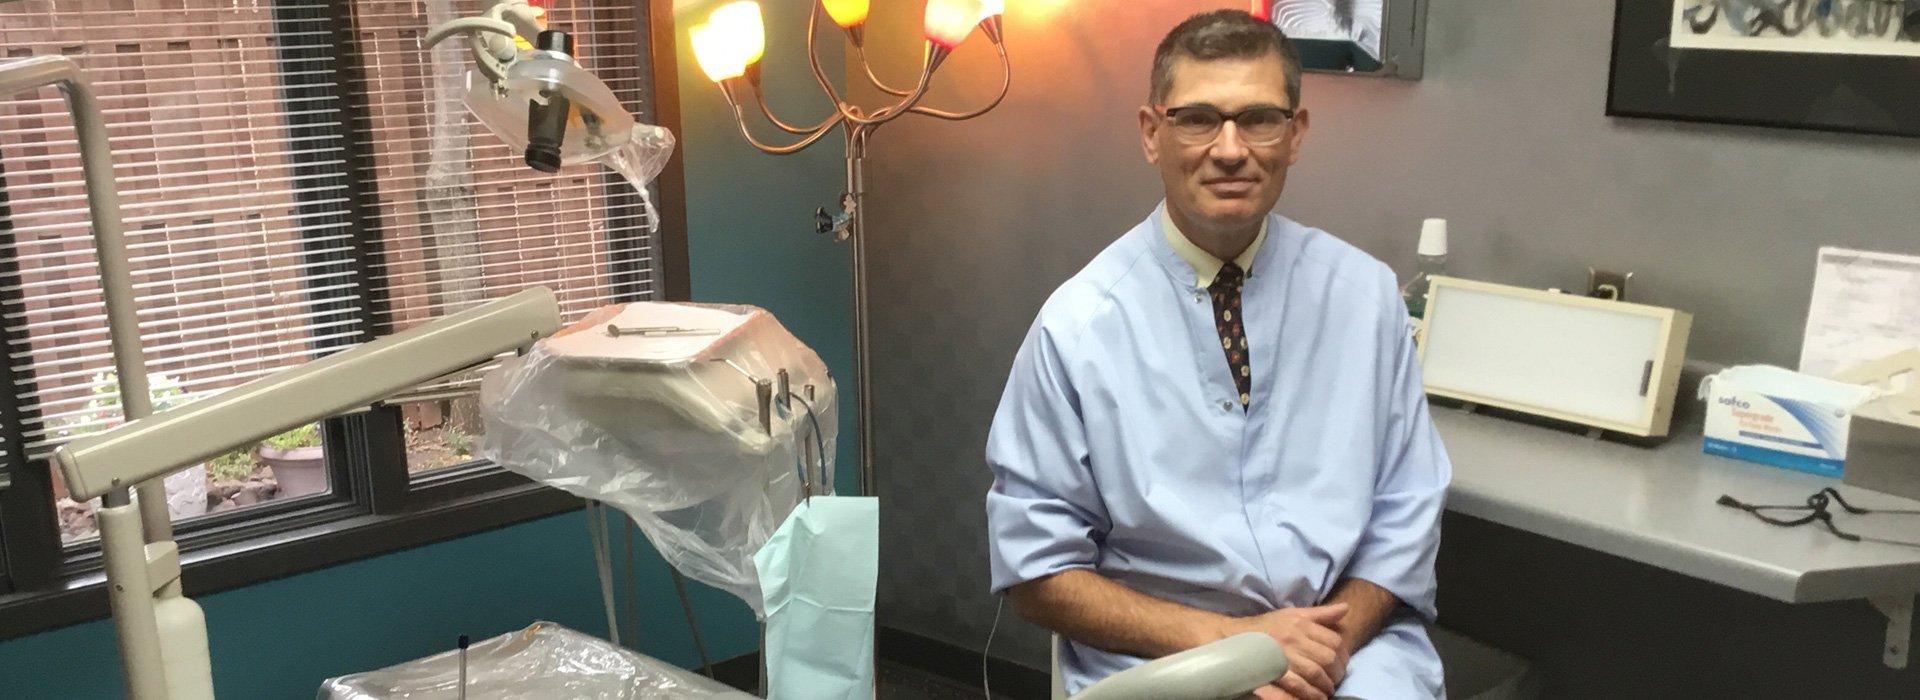 Dr. Menacher